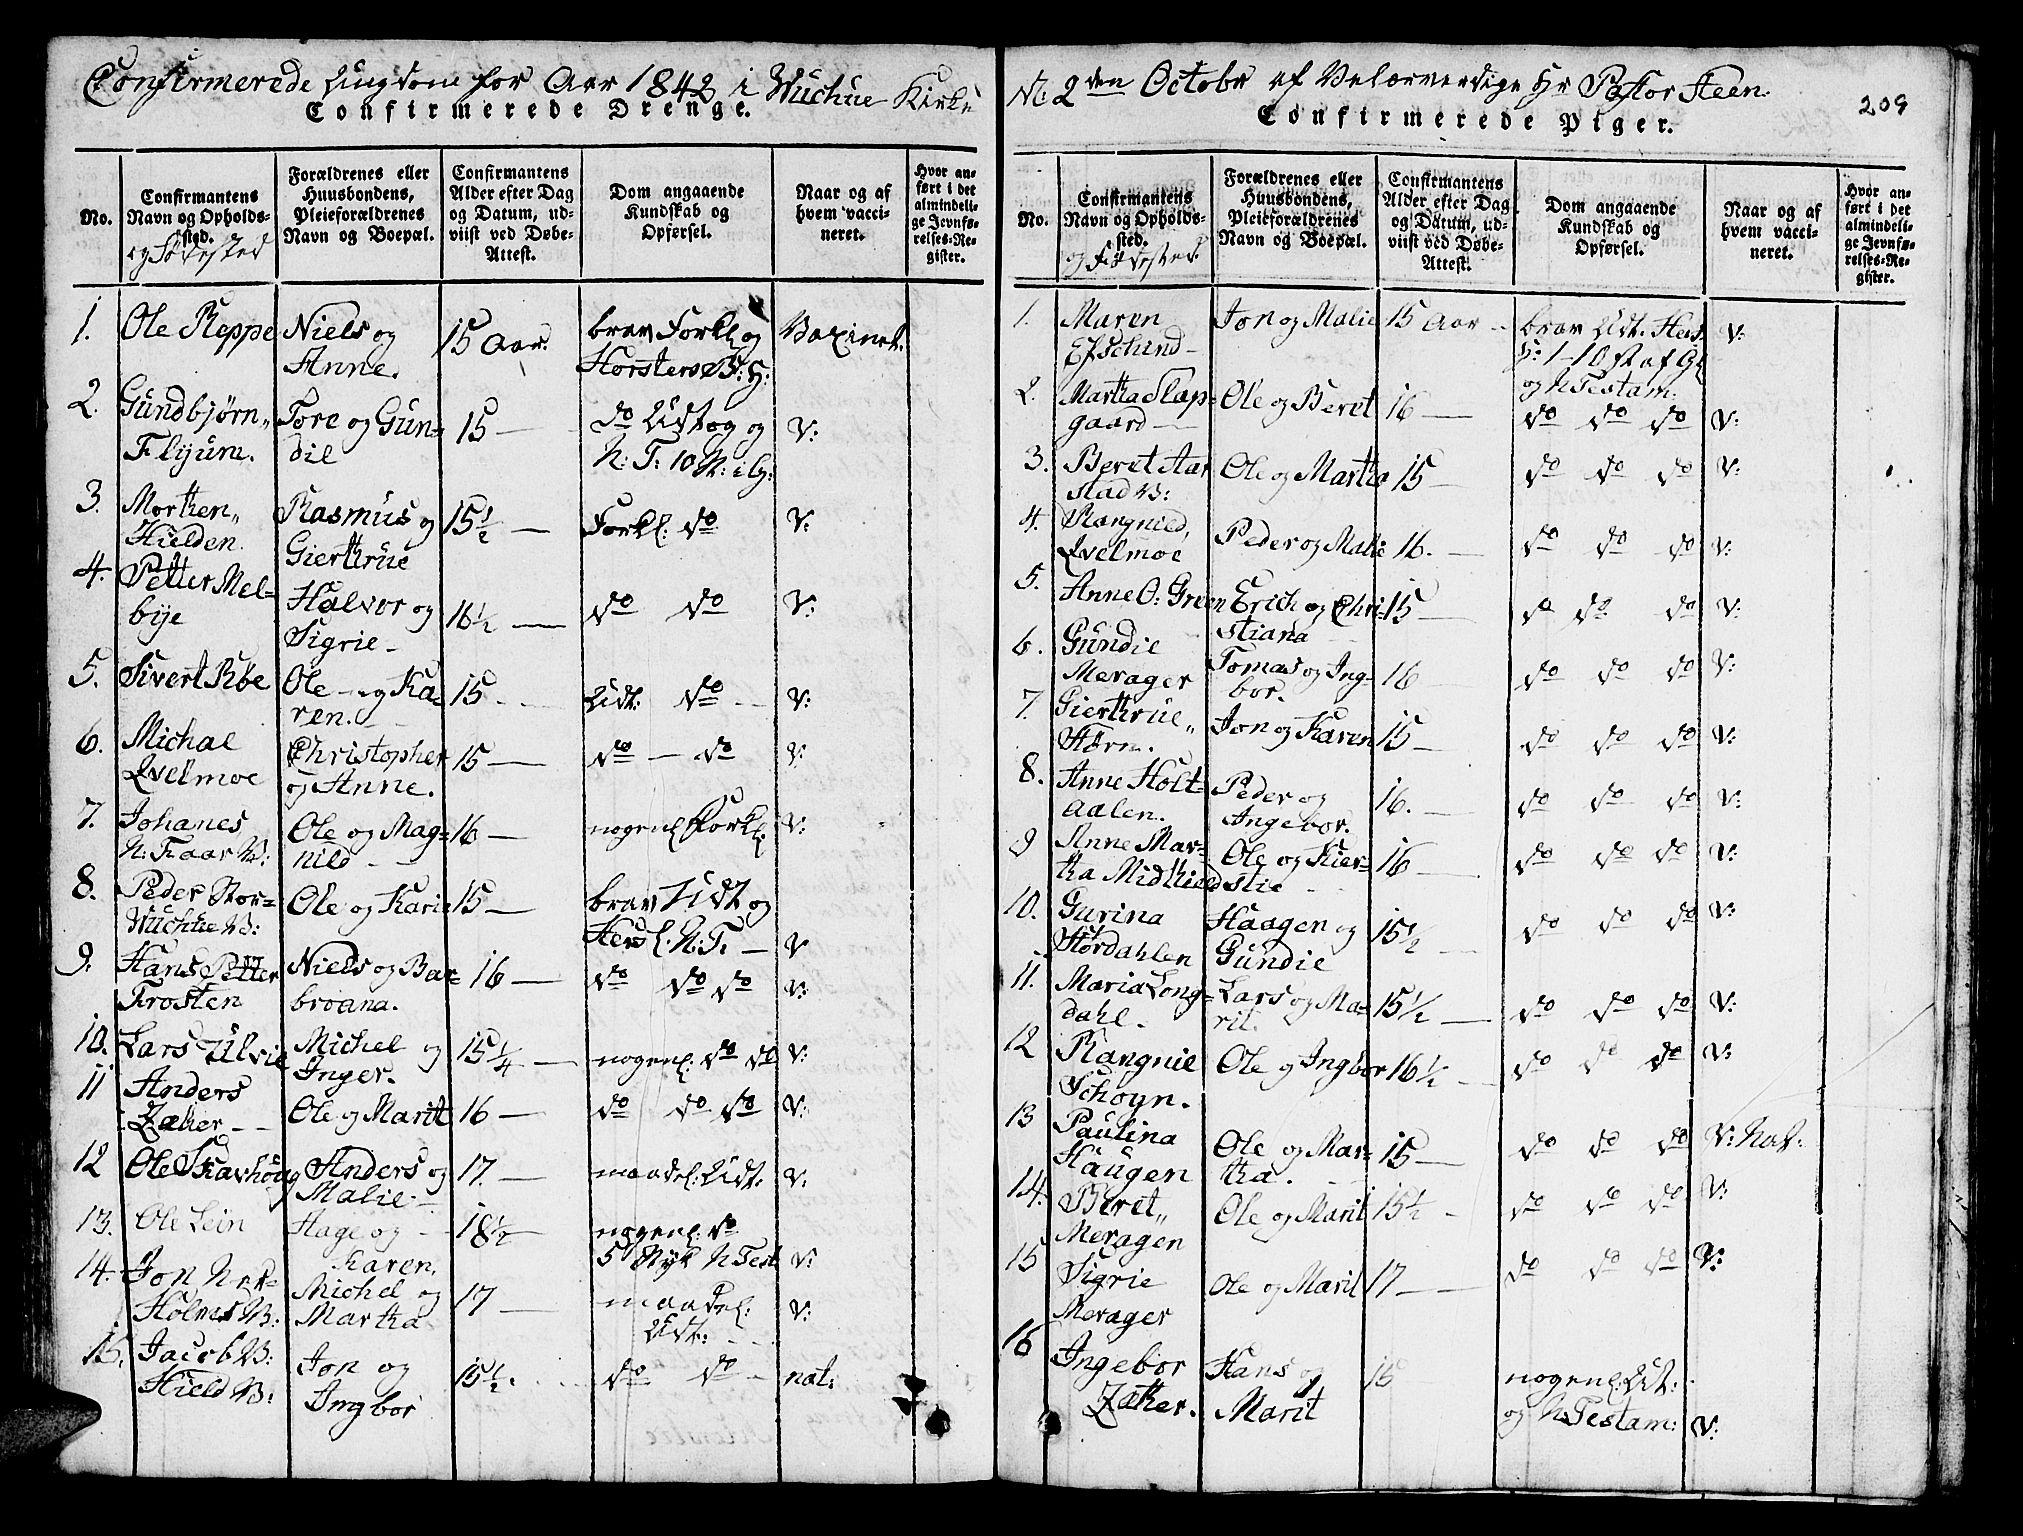 SAT, Ministerialprotokoller, klokkerbøker og fødselsregistre - Nord-Trøndelag, 724/L0265: Klokkerbok nr. 724C01, 1816-1845, s. 209